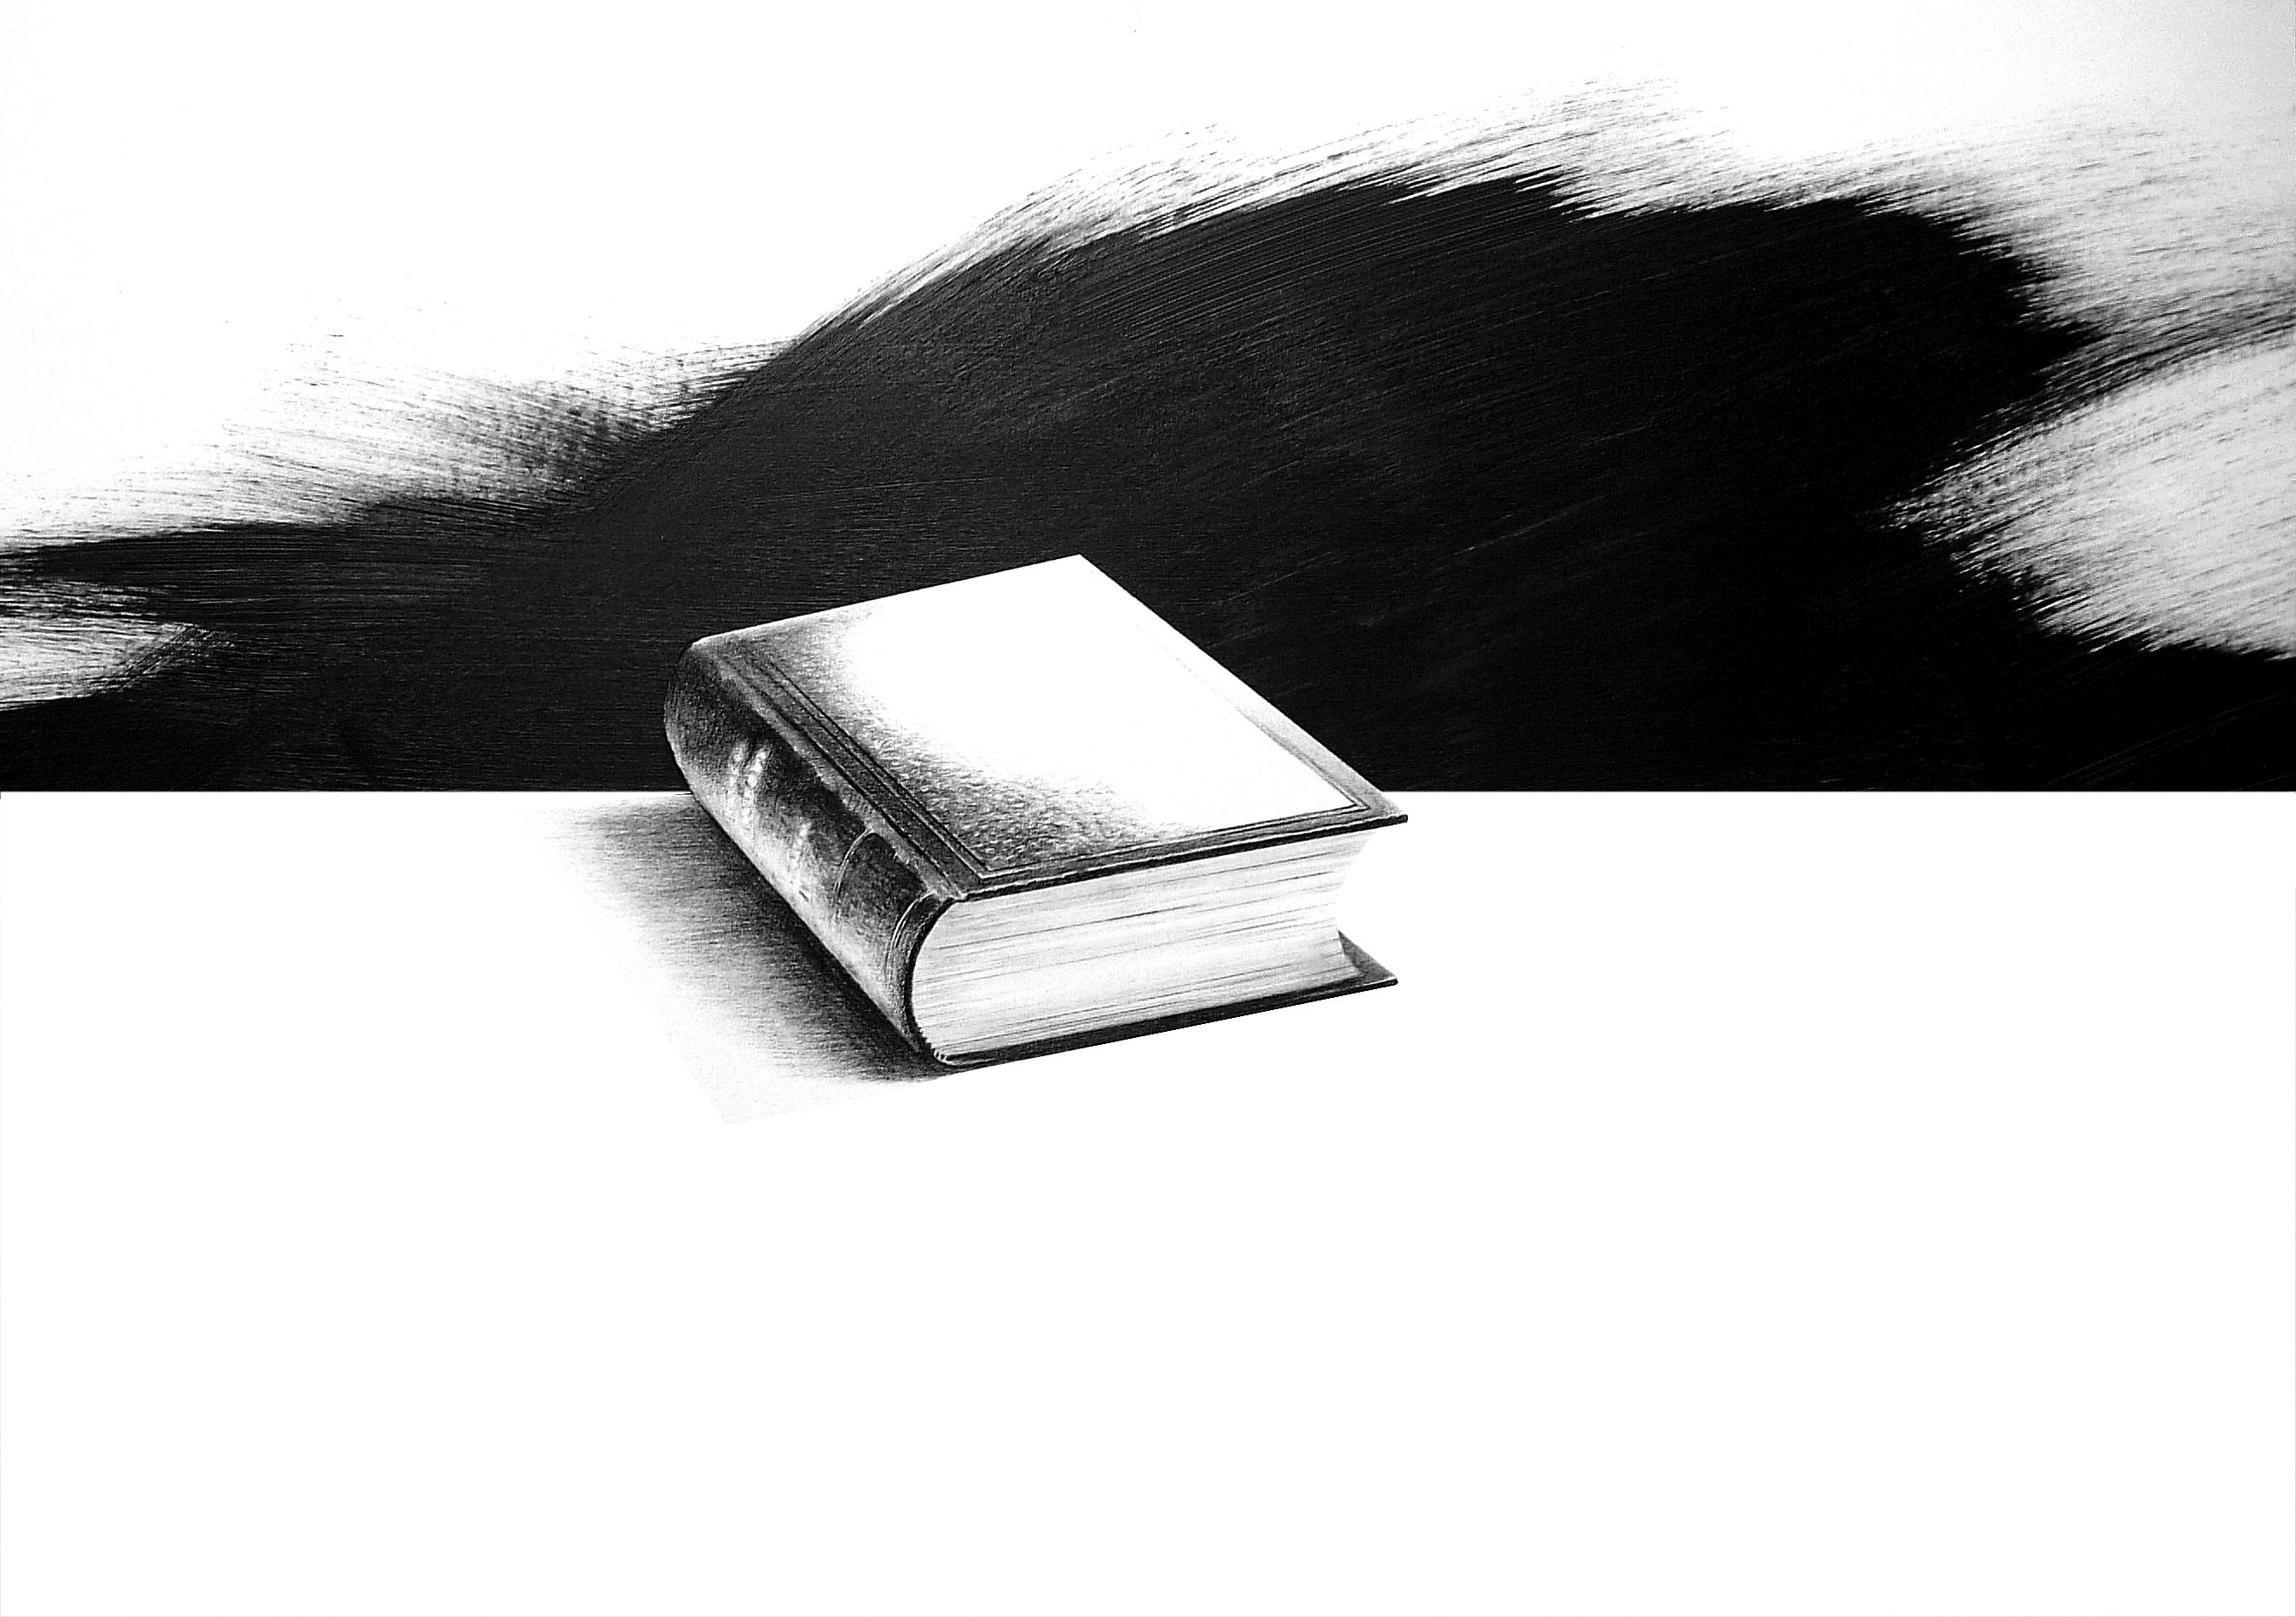 zwerichst – 1001 Buch a